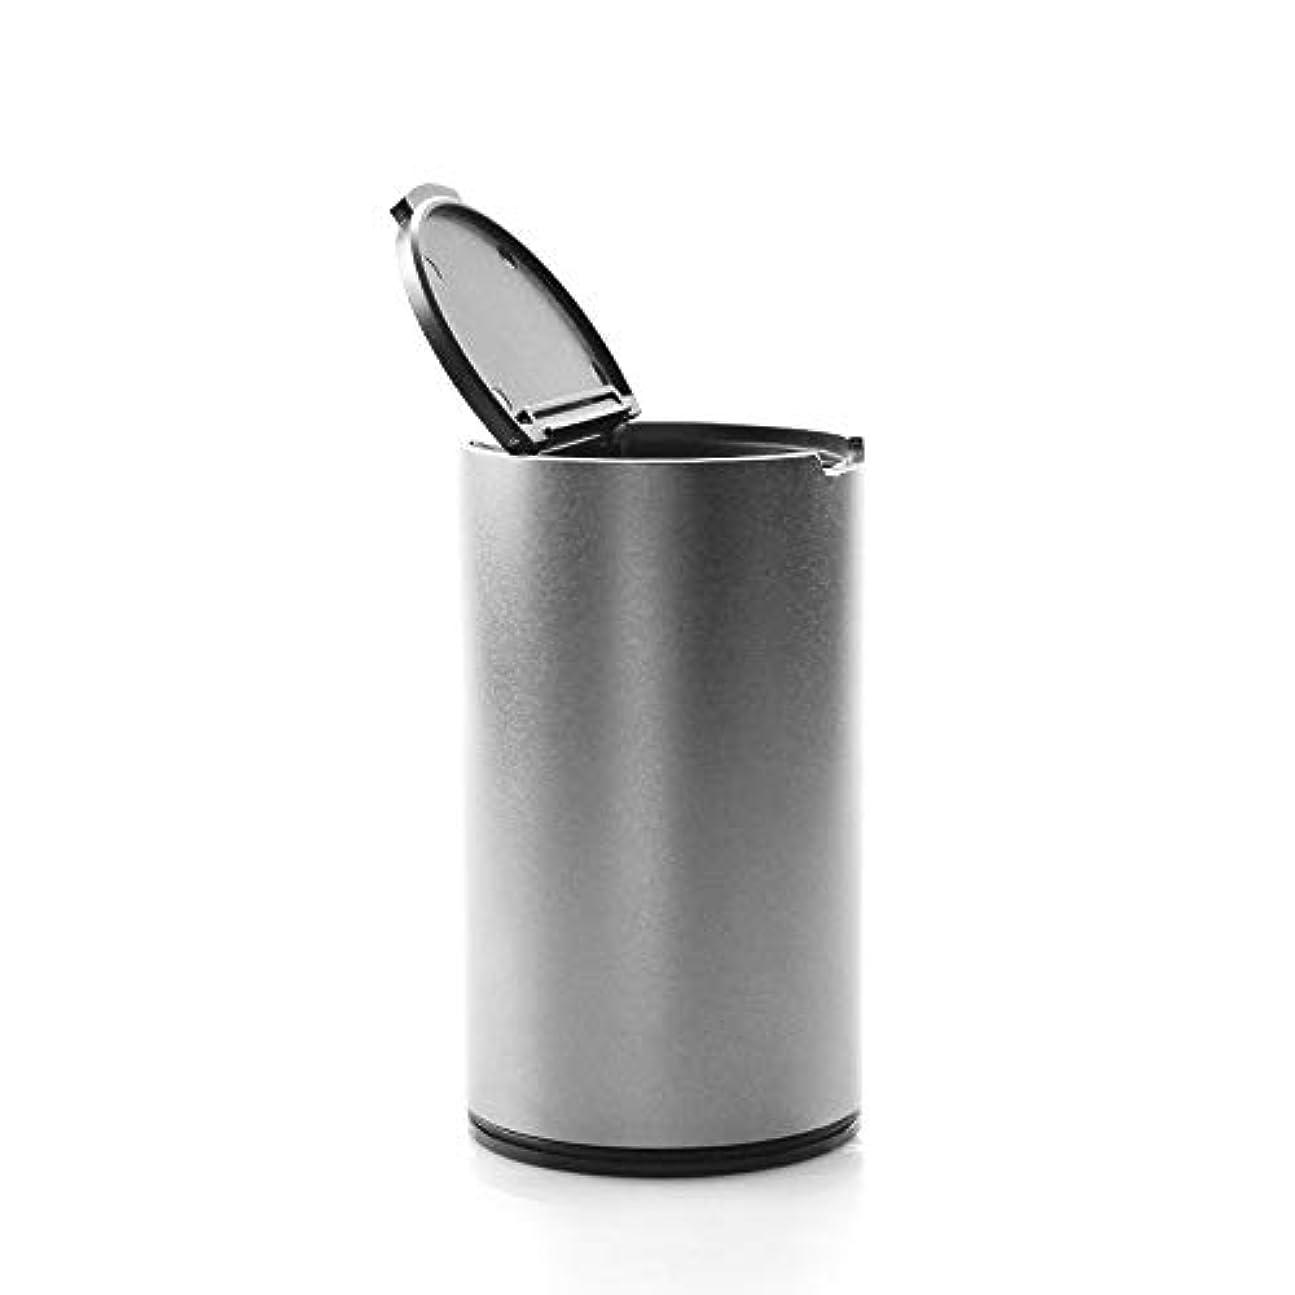 十分ではないエロチックニッケル車の喫煙灰皿の裏表紙の中にある蓋が密閉された車の灰皿付きのミニ車の灰皿 (色 : 銀)